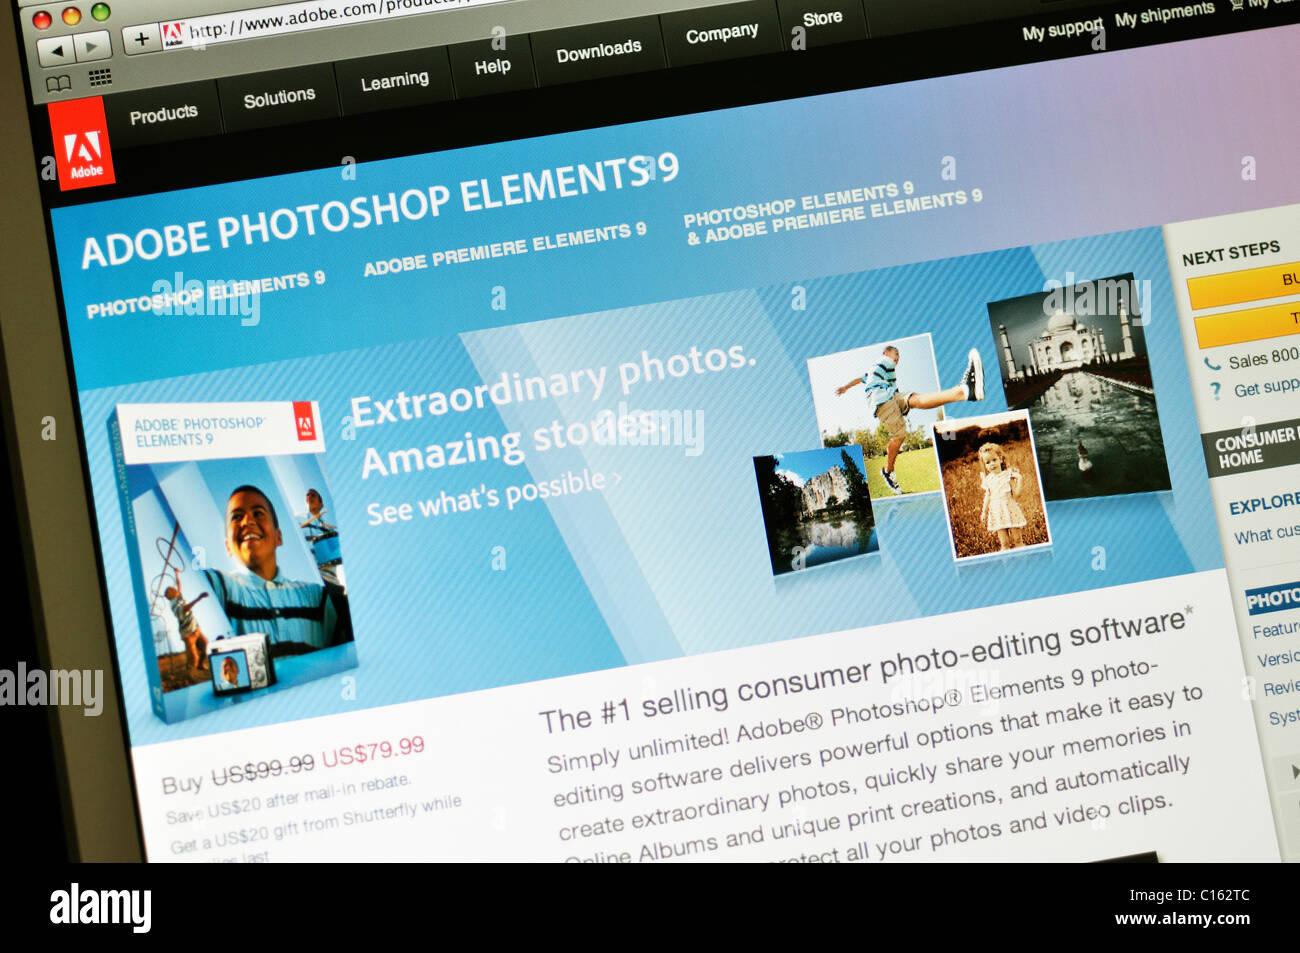 Adobe Photoshop Elements 9 website - Stock Image